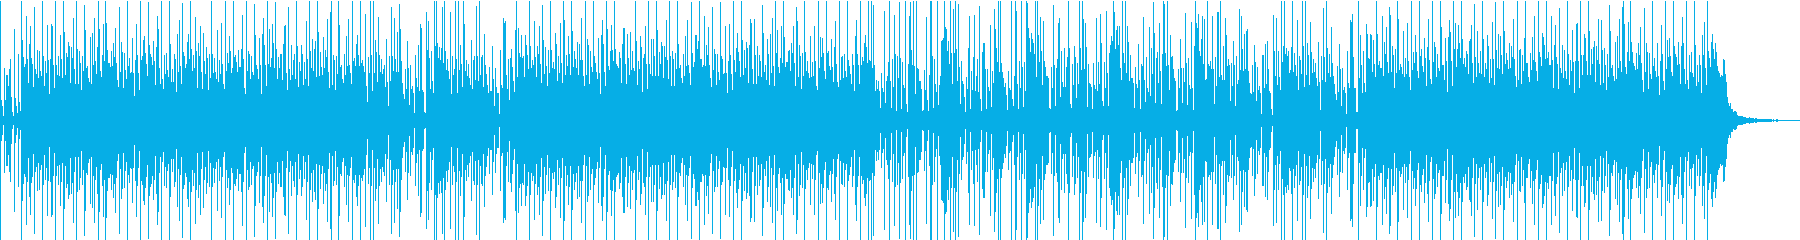 しっとりとしたピアノ系ポップスBGMの再生済みの波形